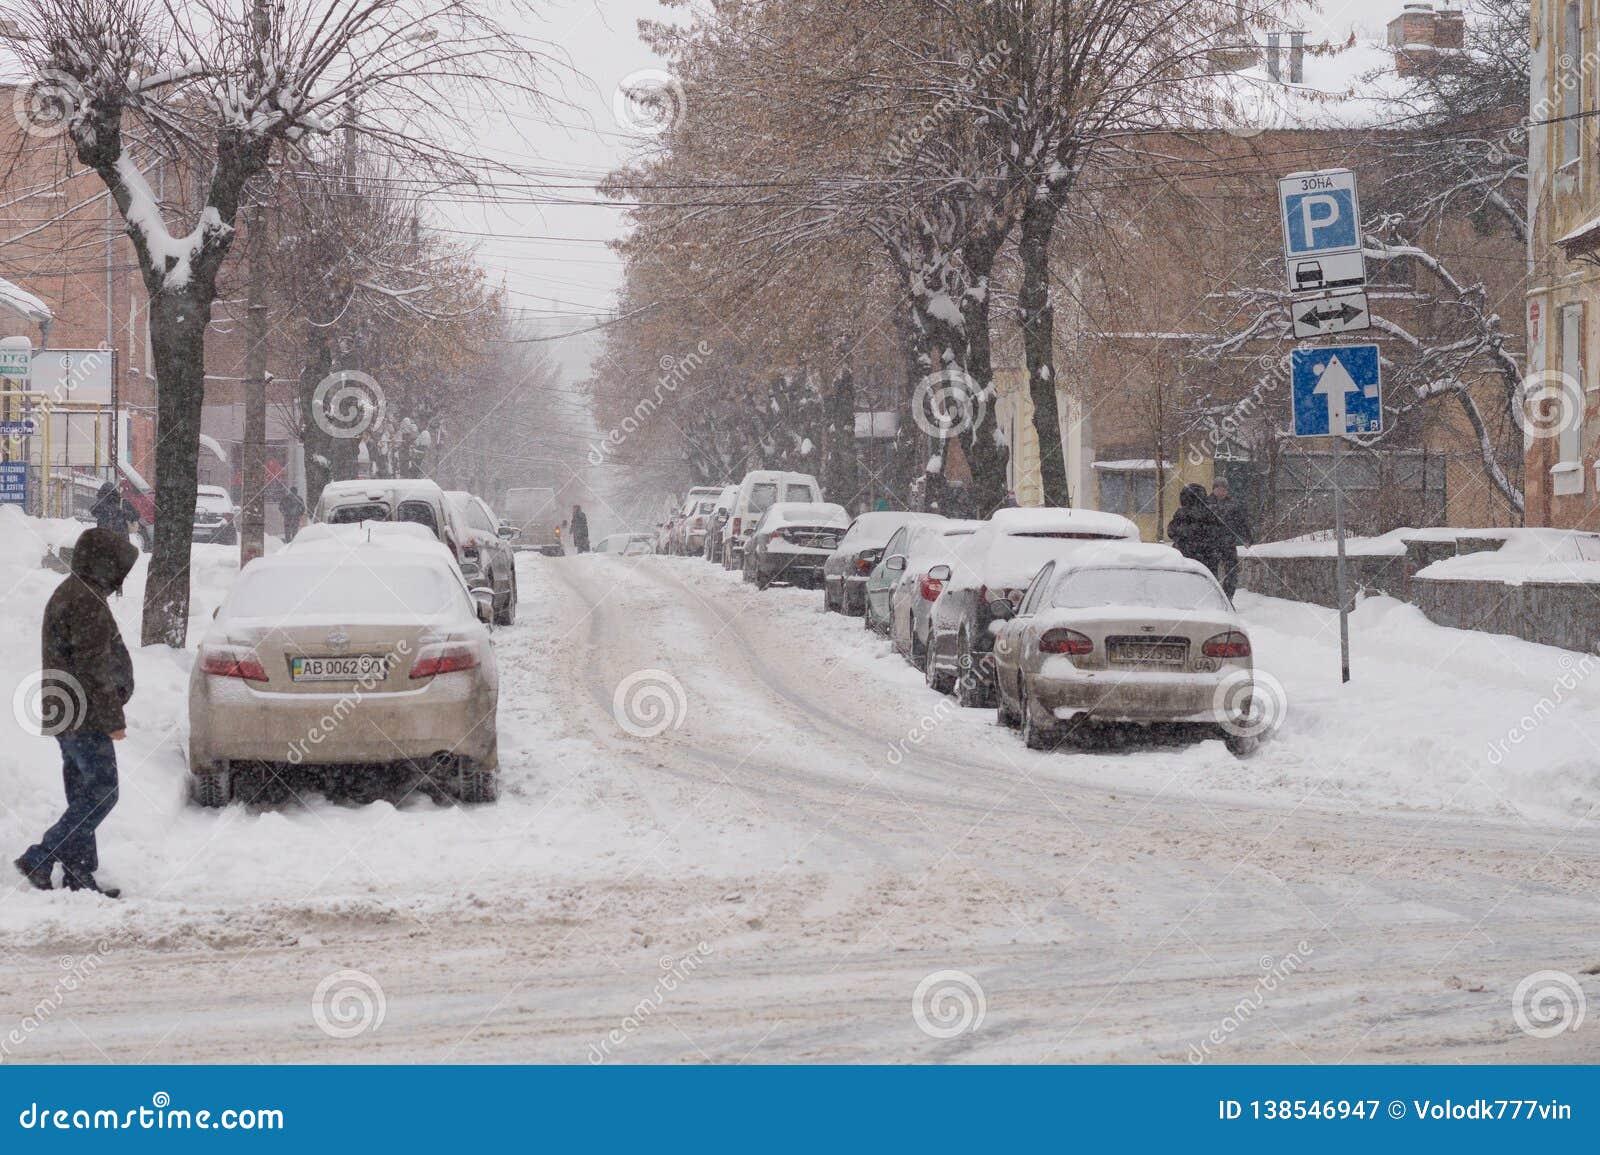 La chute de neige importante couvre les rues de la ville de neige